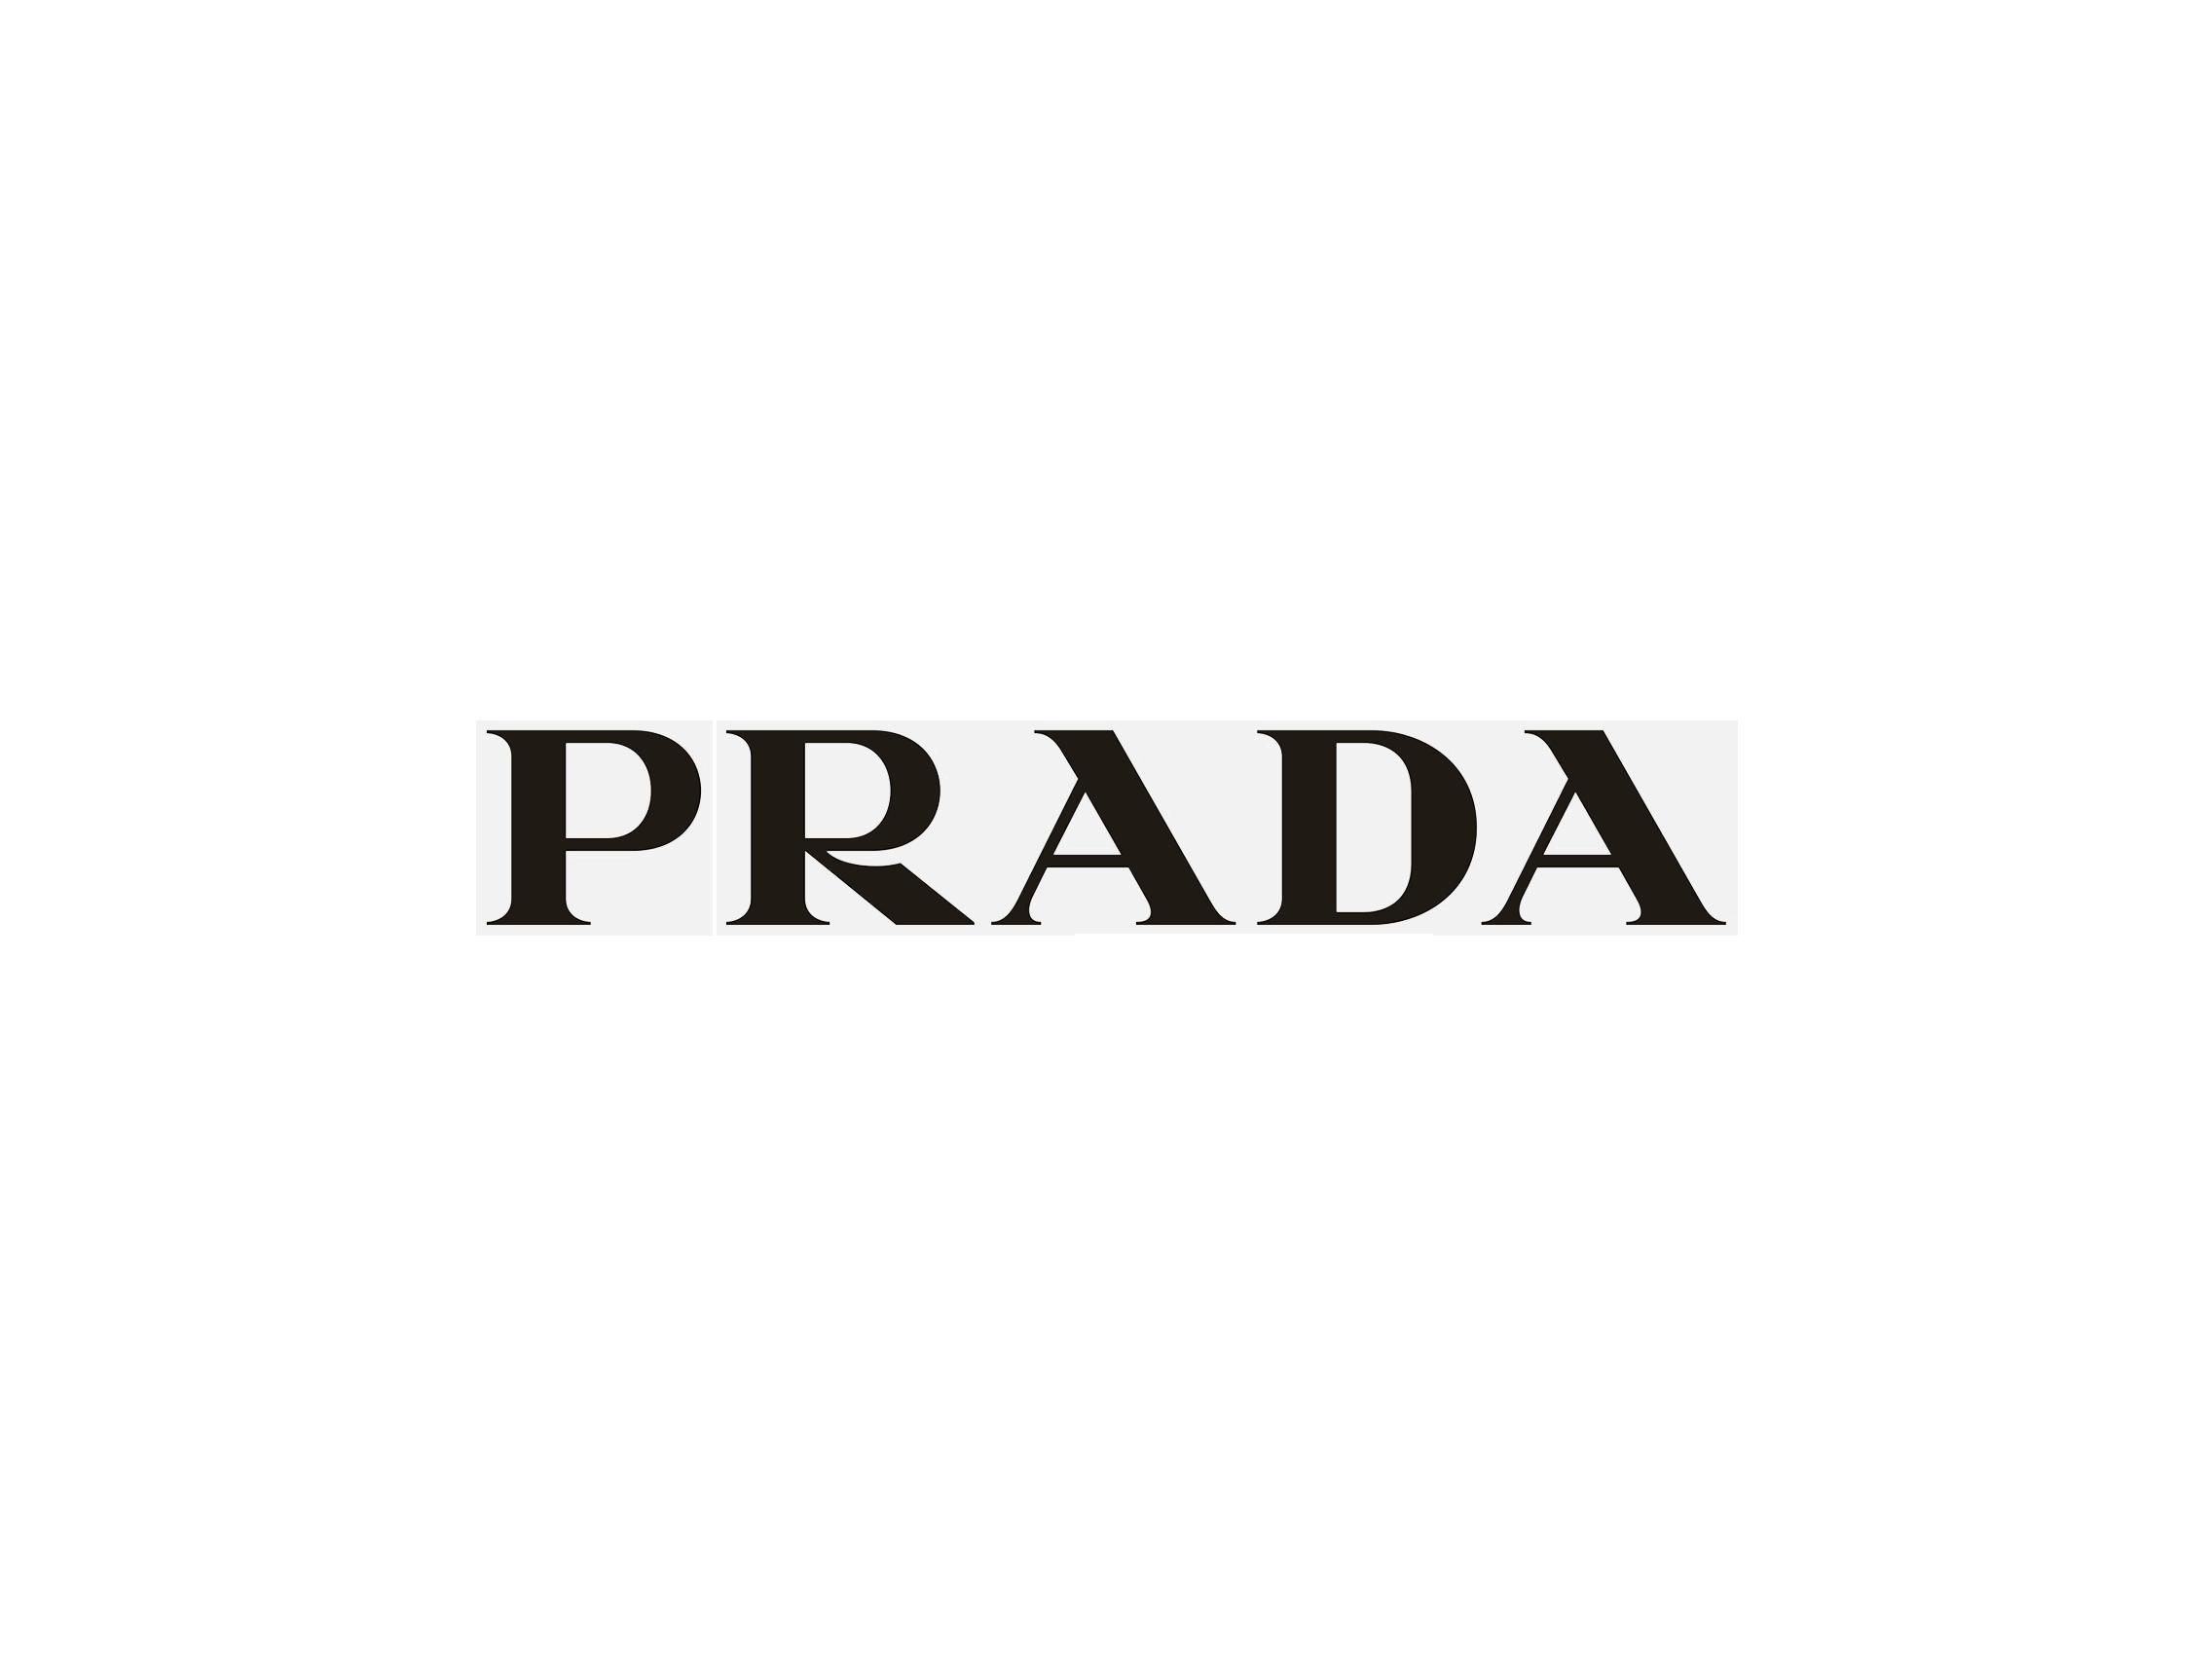 Prada-logo-wordmark.png